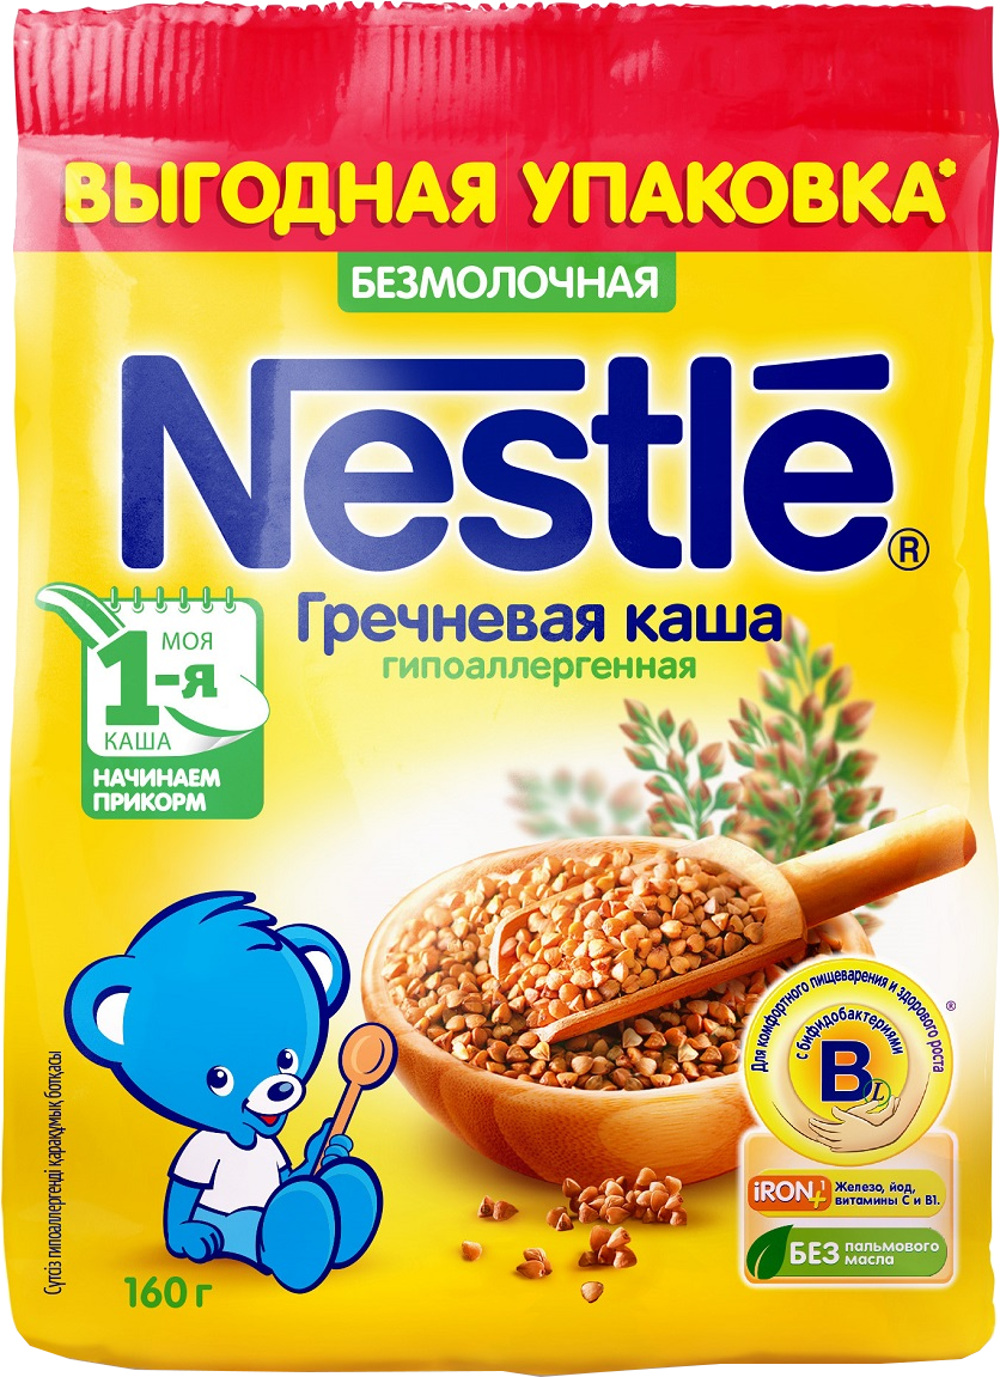 Купить Детские каши, Nestlé Безмолочная гречневая гипоаллергенная (с 4 месяцев) 160 г, 1шт., Nestle 12308280, Россия